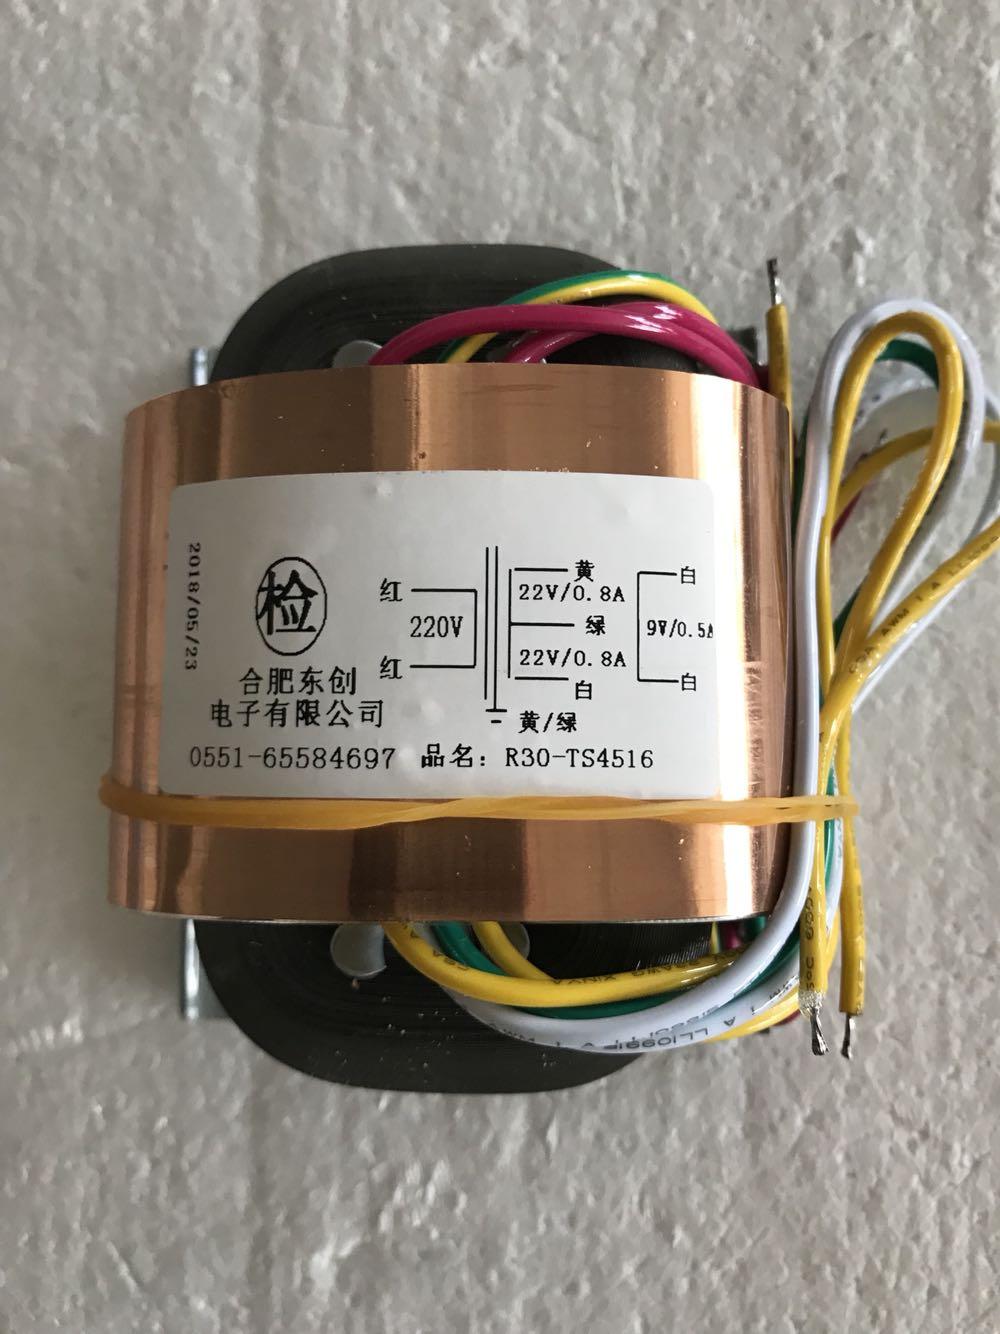 22V-0-22V 0.8A 9V 0.5A R Core Transformer 40VA R30 custom transformer 220V copper shield for Pre-decoder Power amplifier voltage converter input 110v output 9v and 22v 50w electrical transformer custom transformer